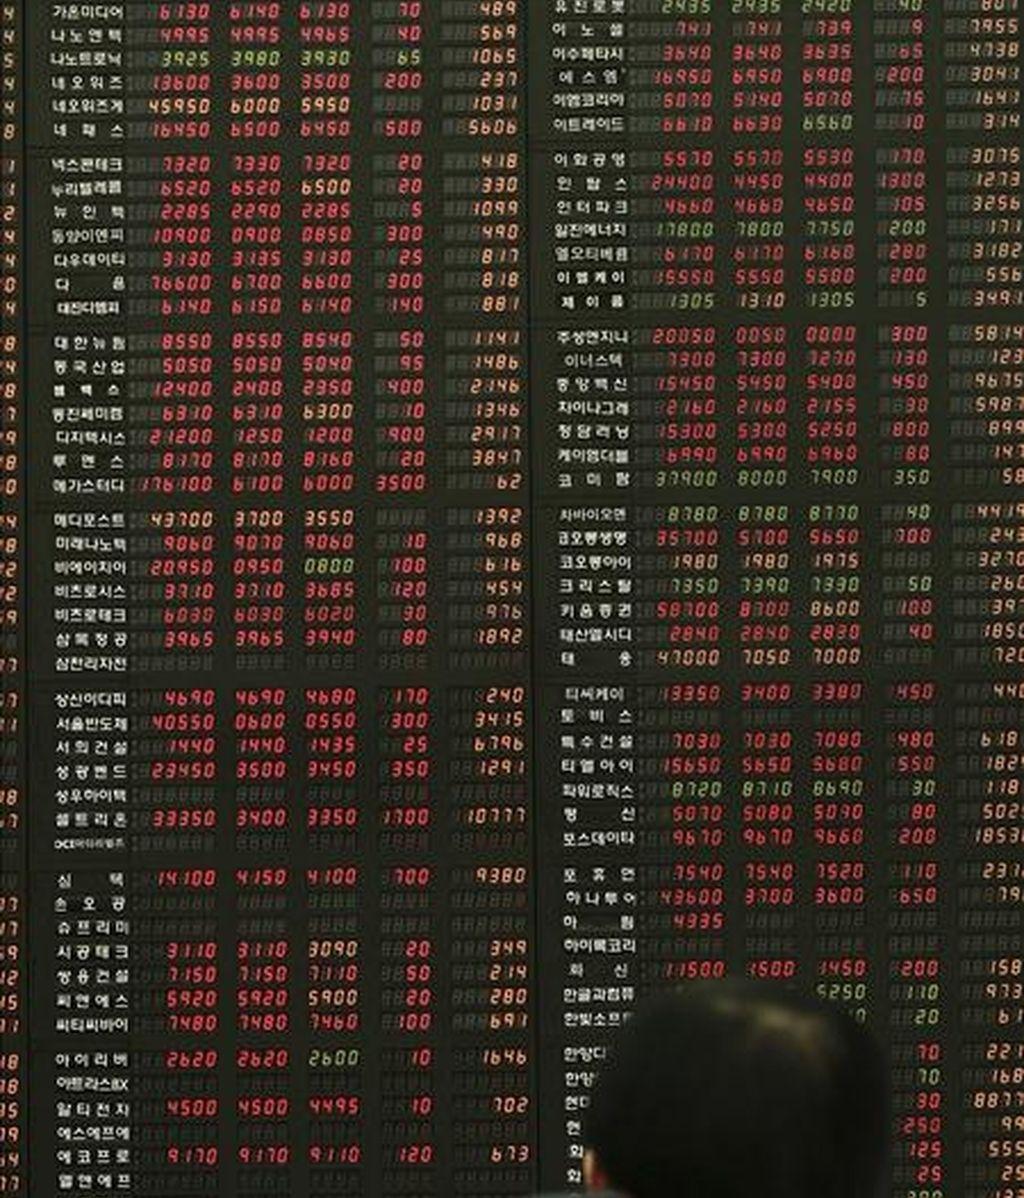 Un agente de la Bolsa de Comercio de Corea observa un tablero electrónico con los índices de la jornada en Seúl. EFE/Archivo